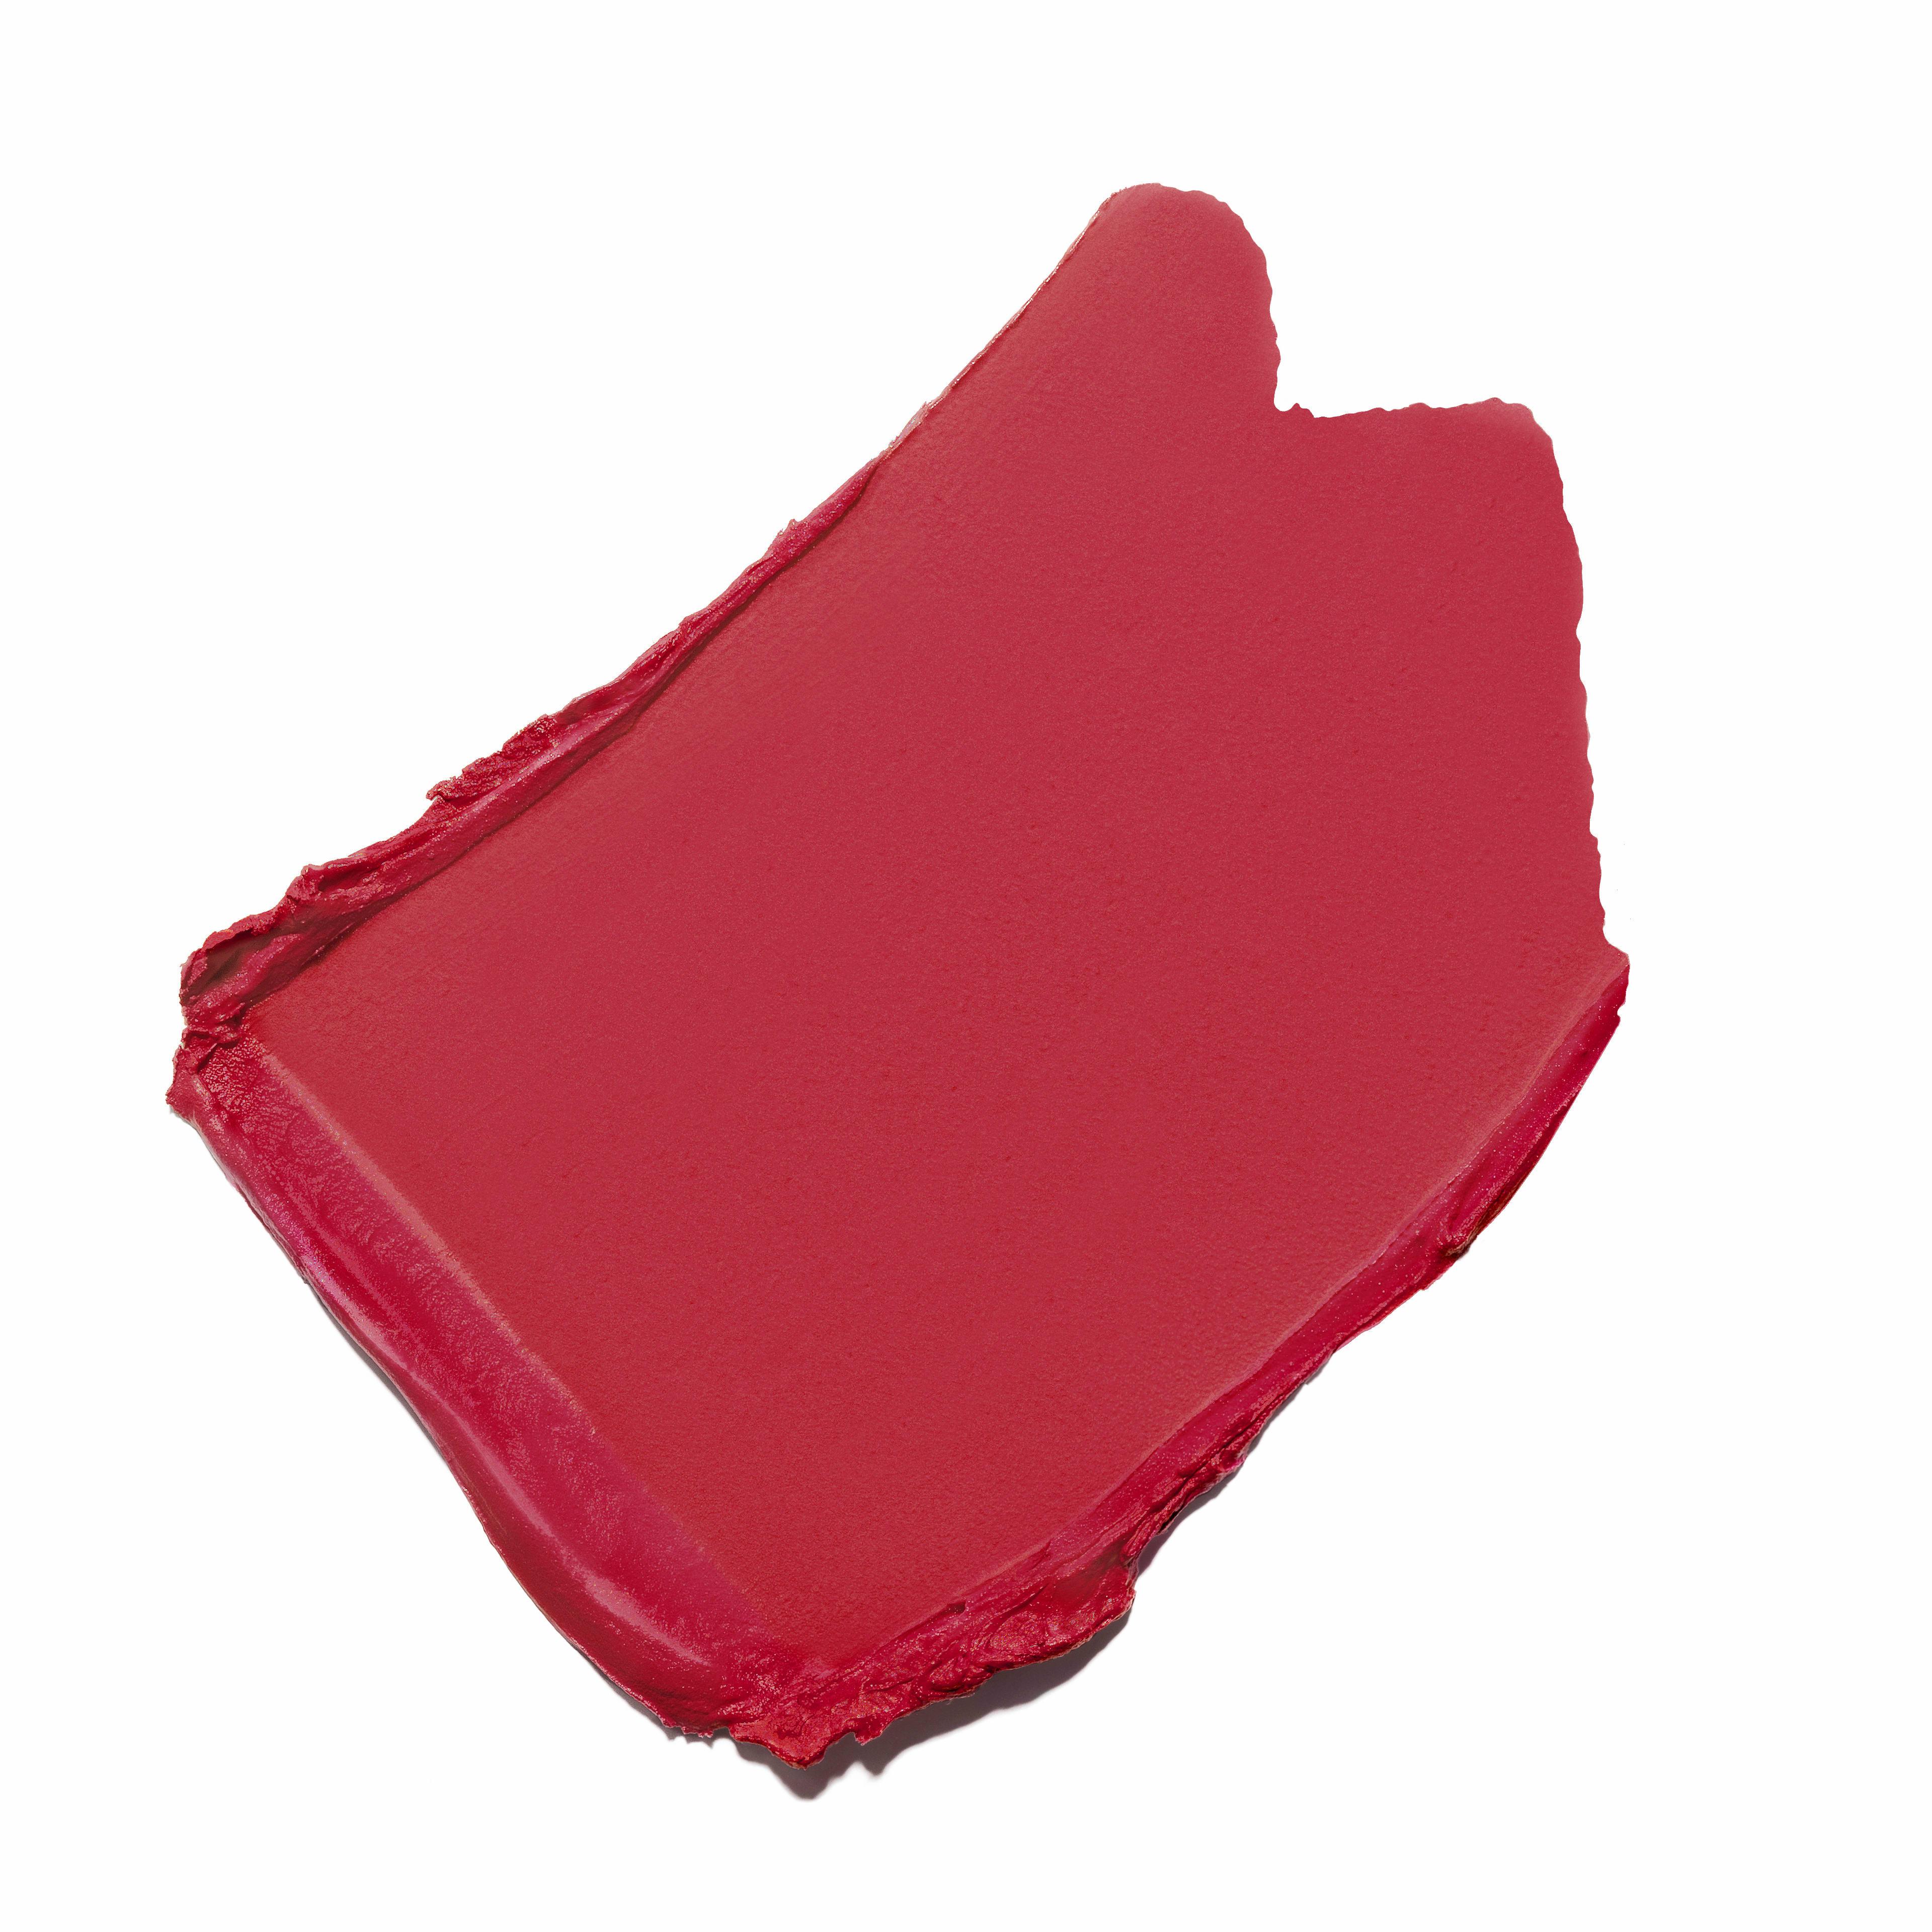 ROUGE ALLURE VELVET EXTRÊME - makeup - 0.12OZ. - Basic texture view